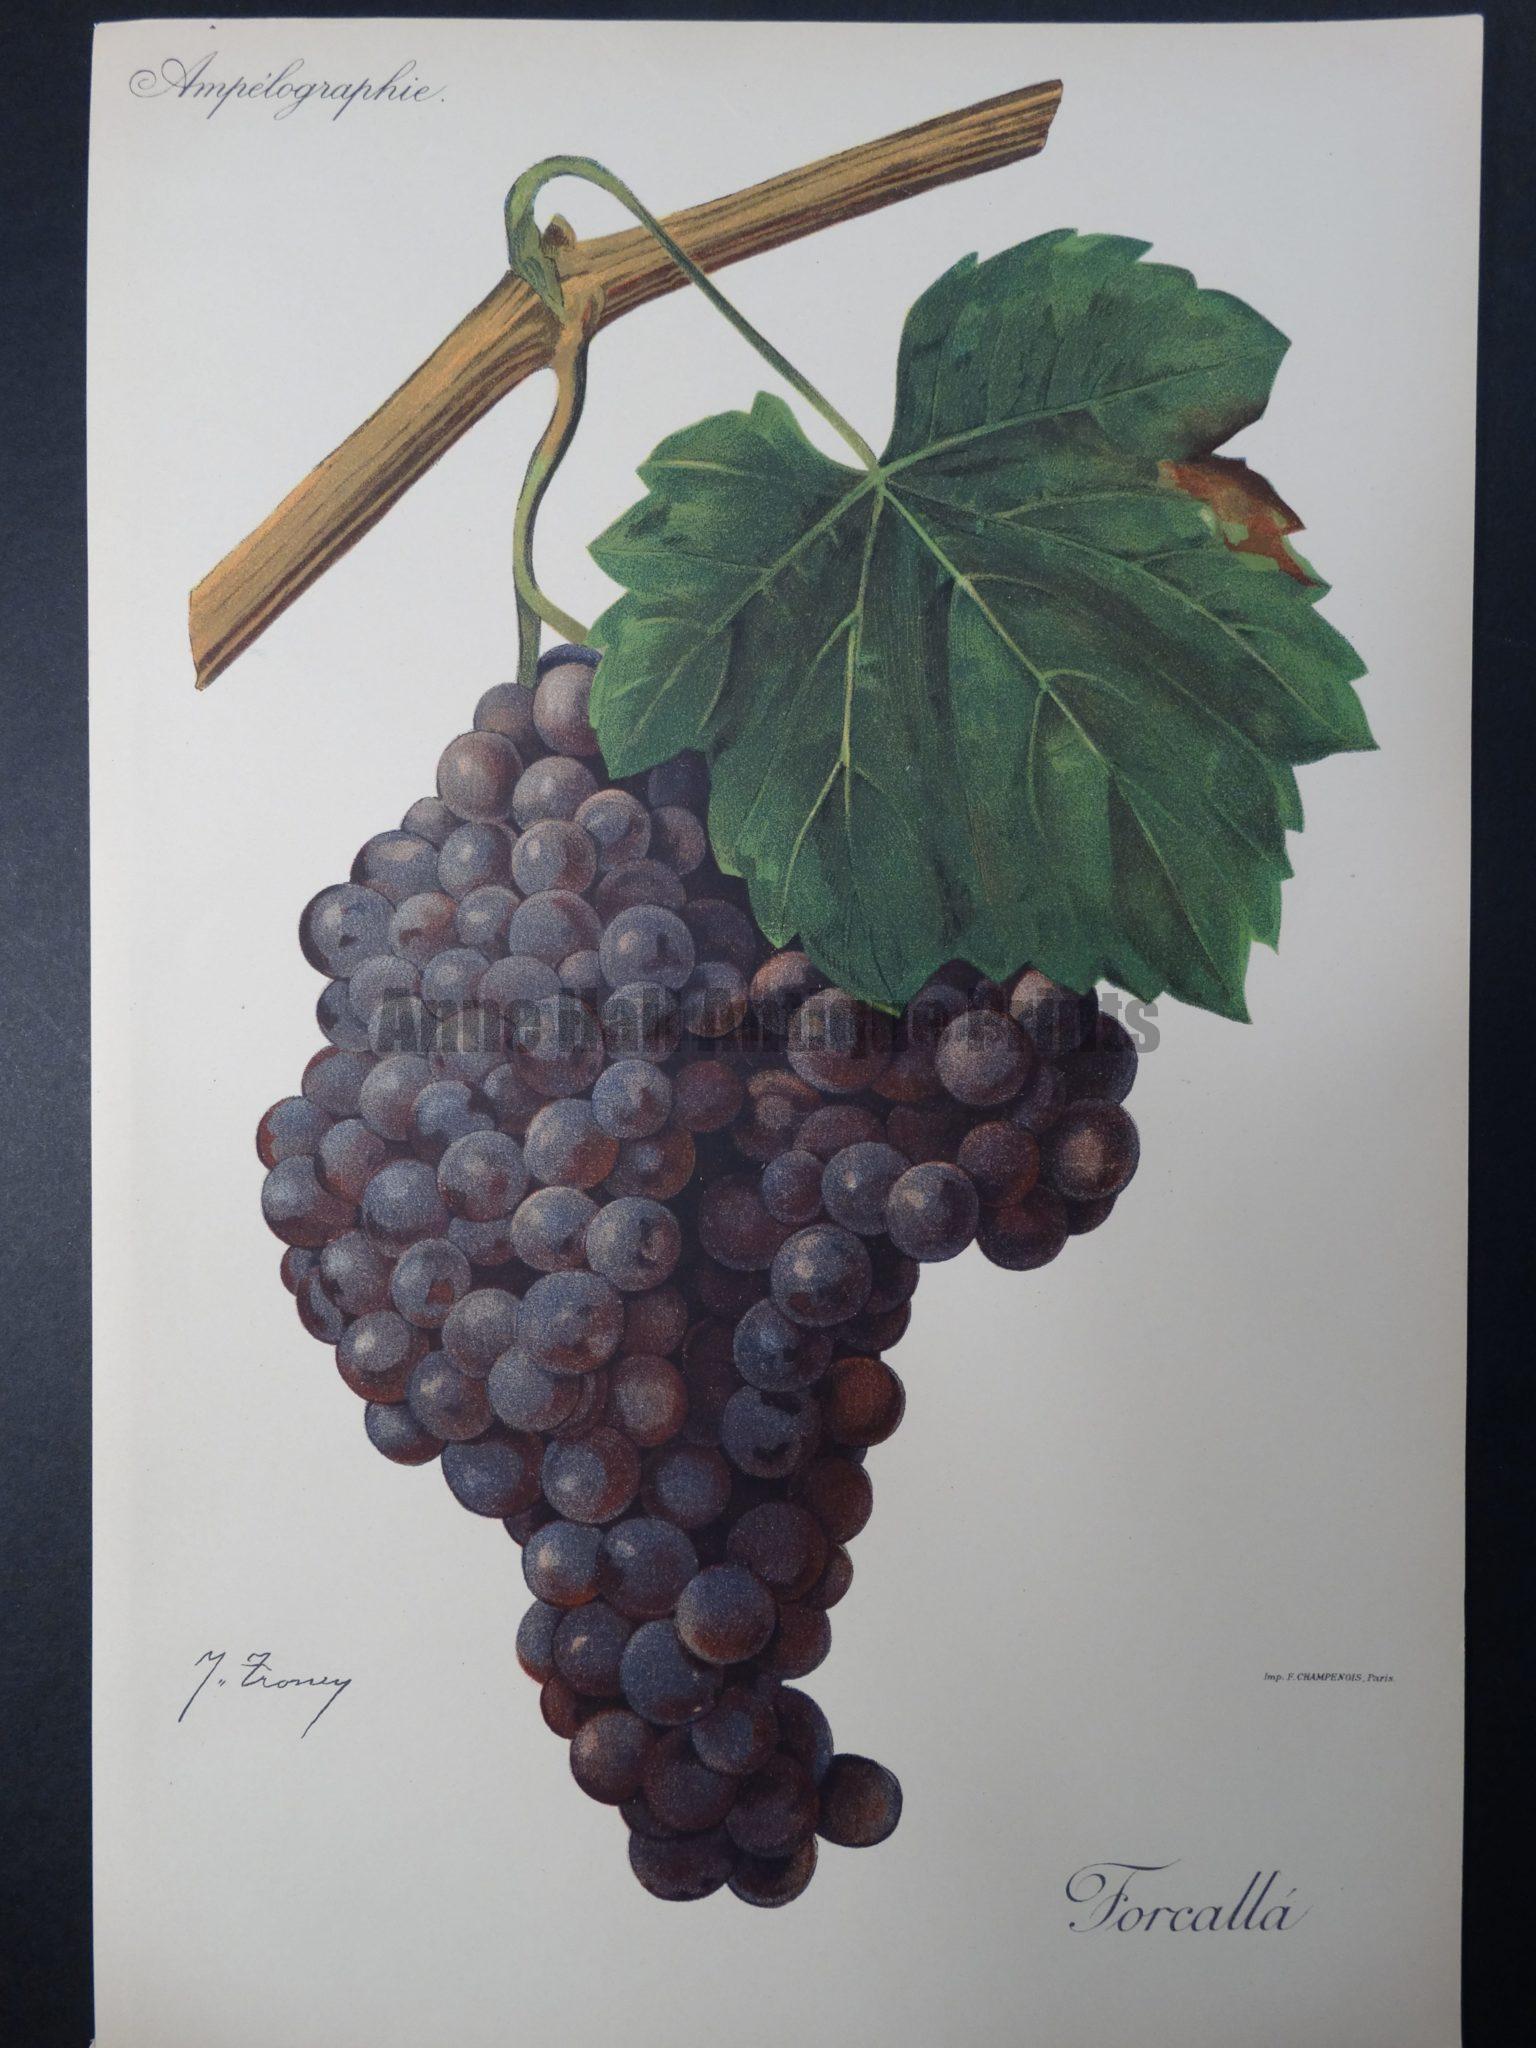 Wine Grapes Forcalla